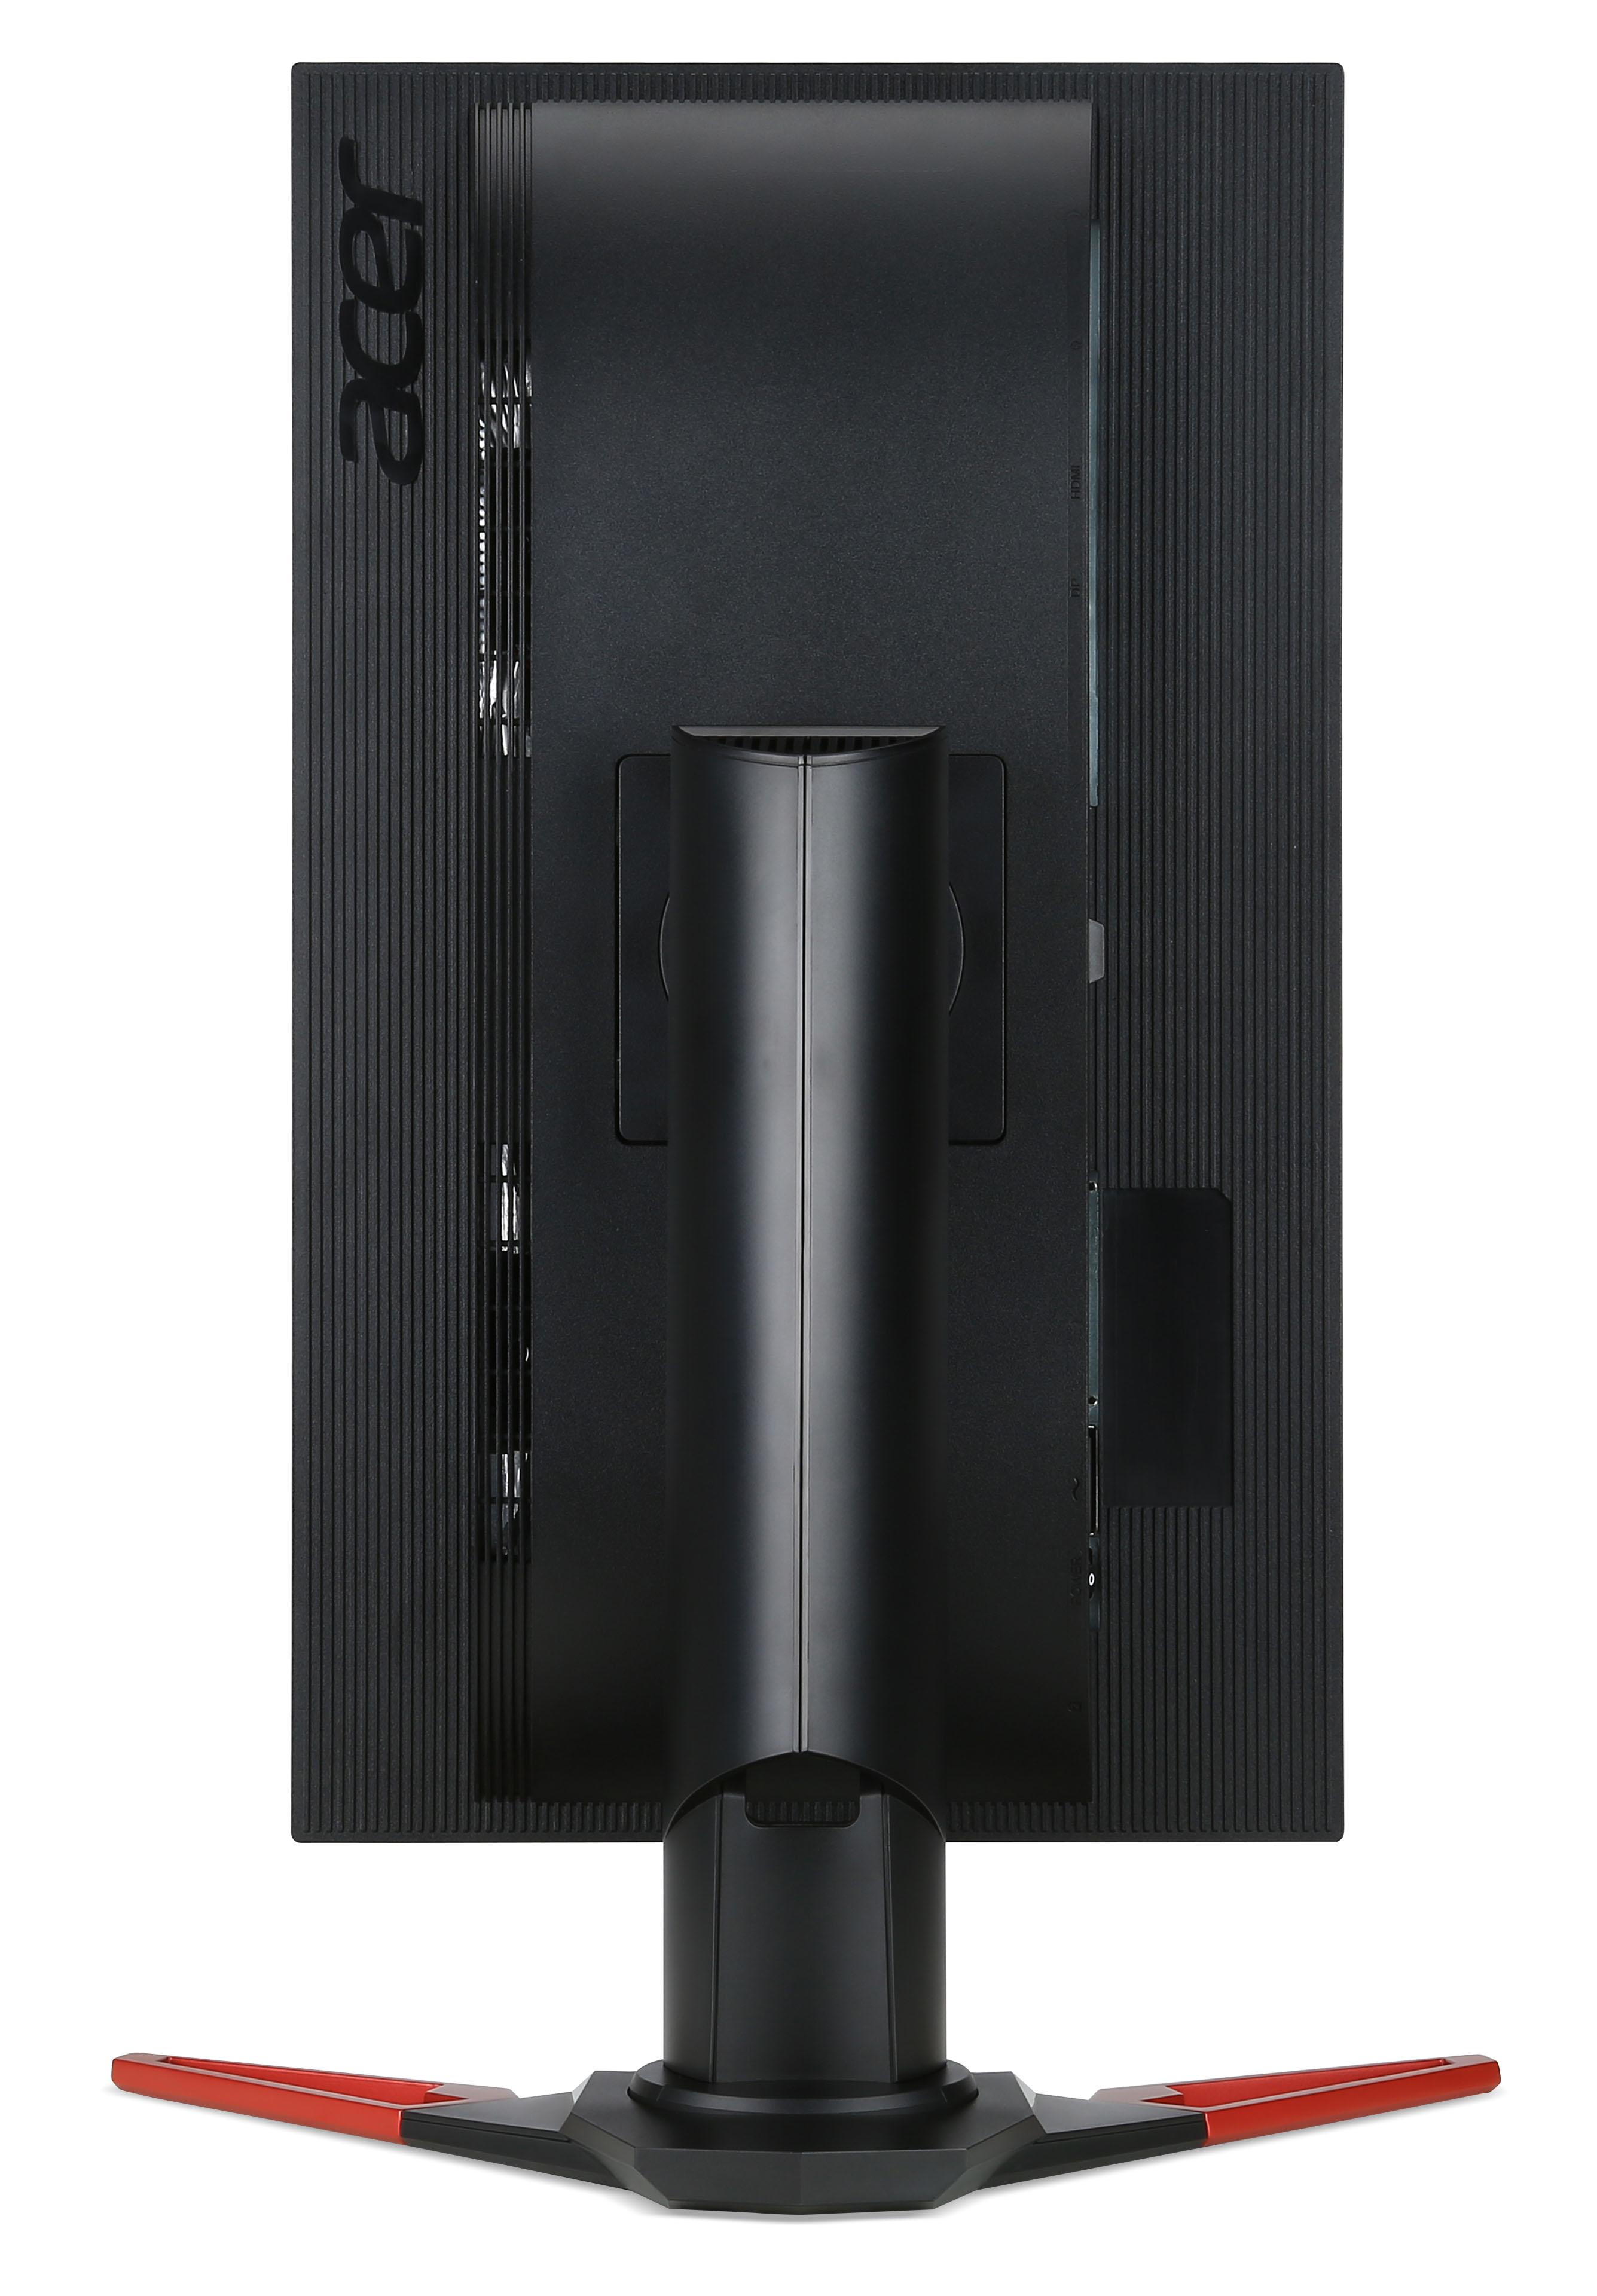 """Acer Predator XB241H bmipr 24"""" Full HD TN+Film Nero, Rosso Piatto monitor piatto per PC"""